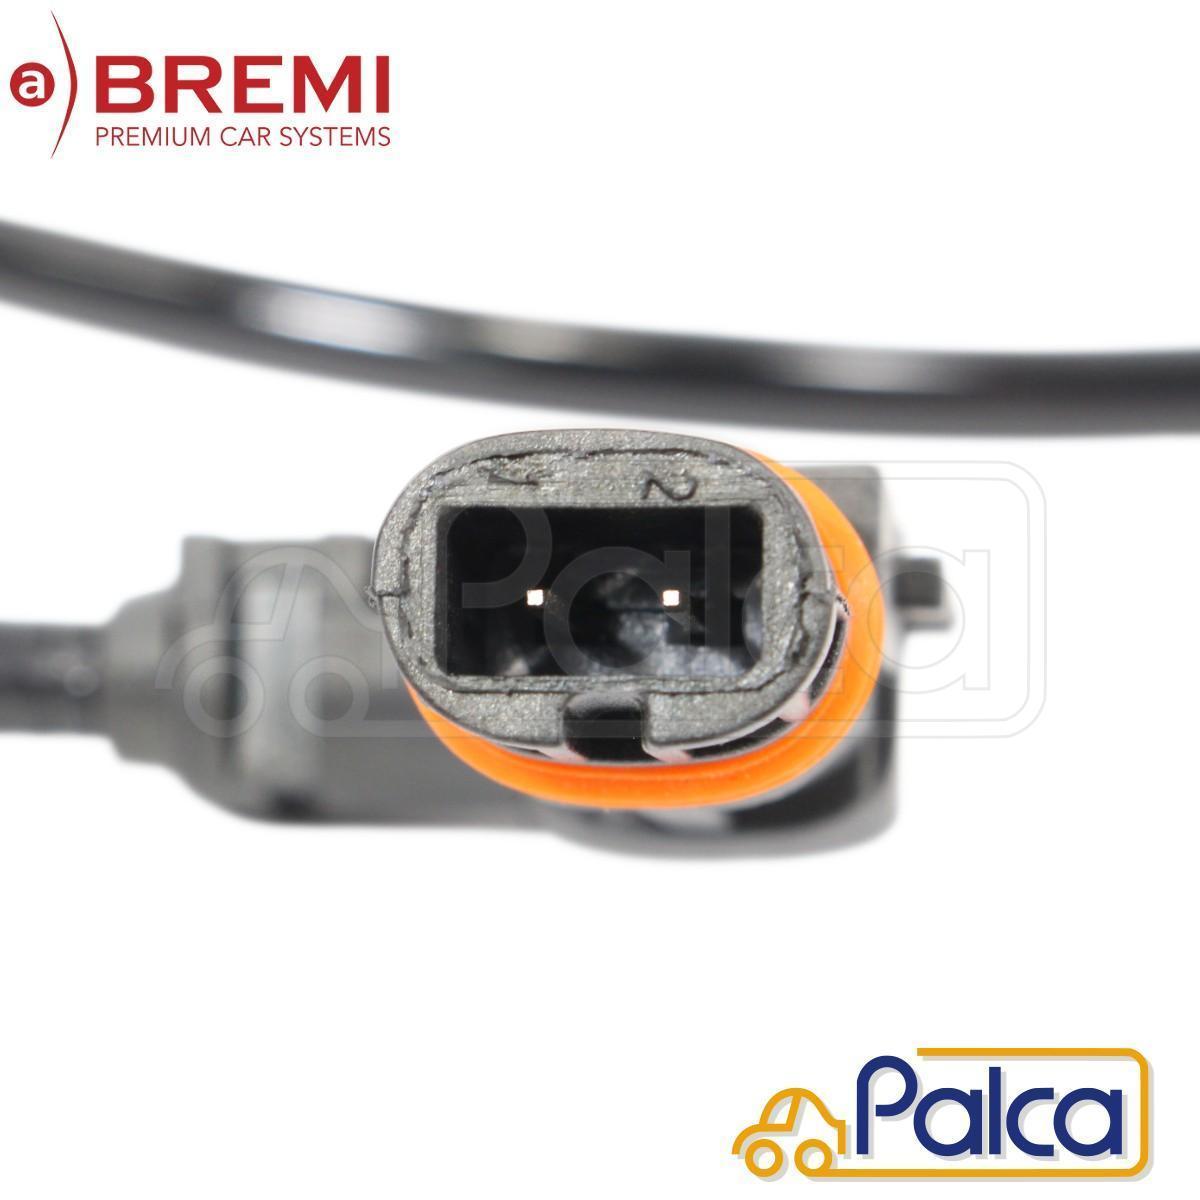 メルセデス ベンツ フロント ABSセンサー/スピードセンサー 左右共通| GLKクラス|X204/GLK300 GLK350 | BREMI製 | 2045400517_画像2